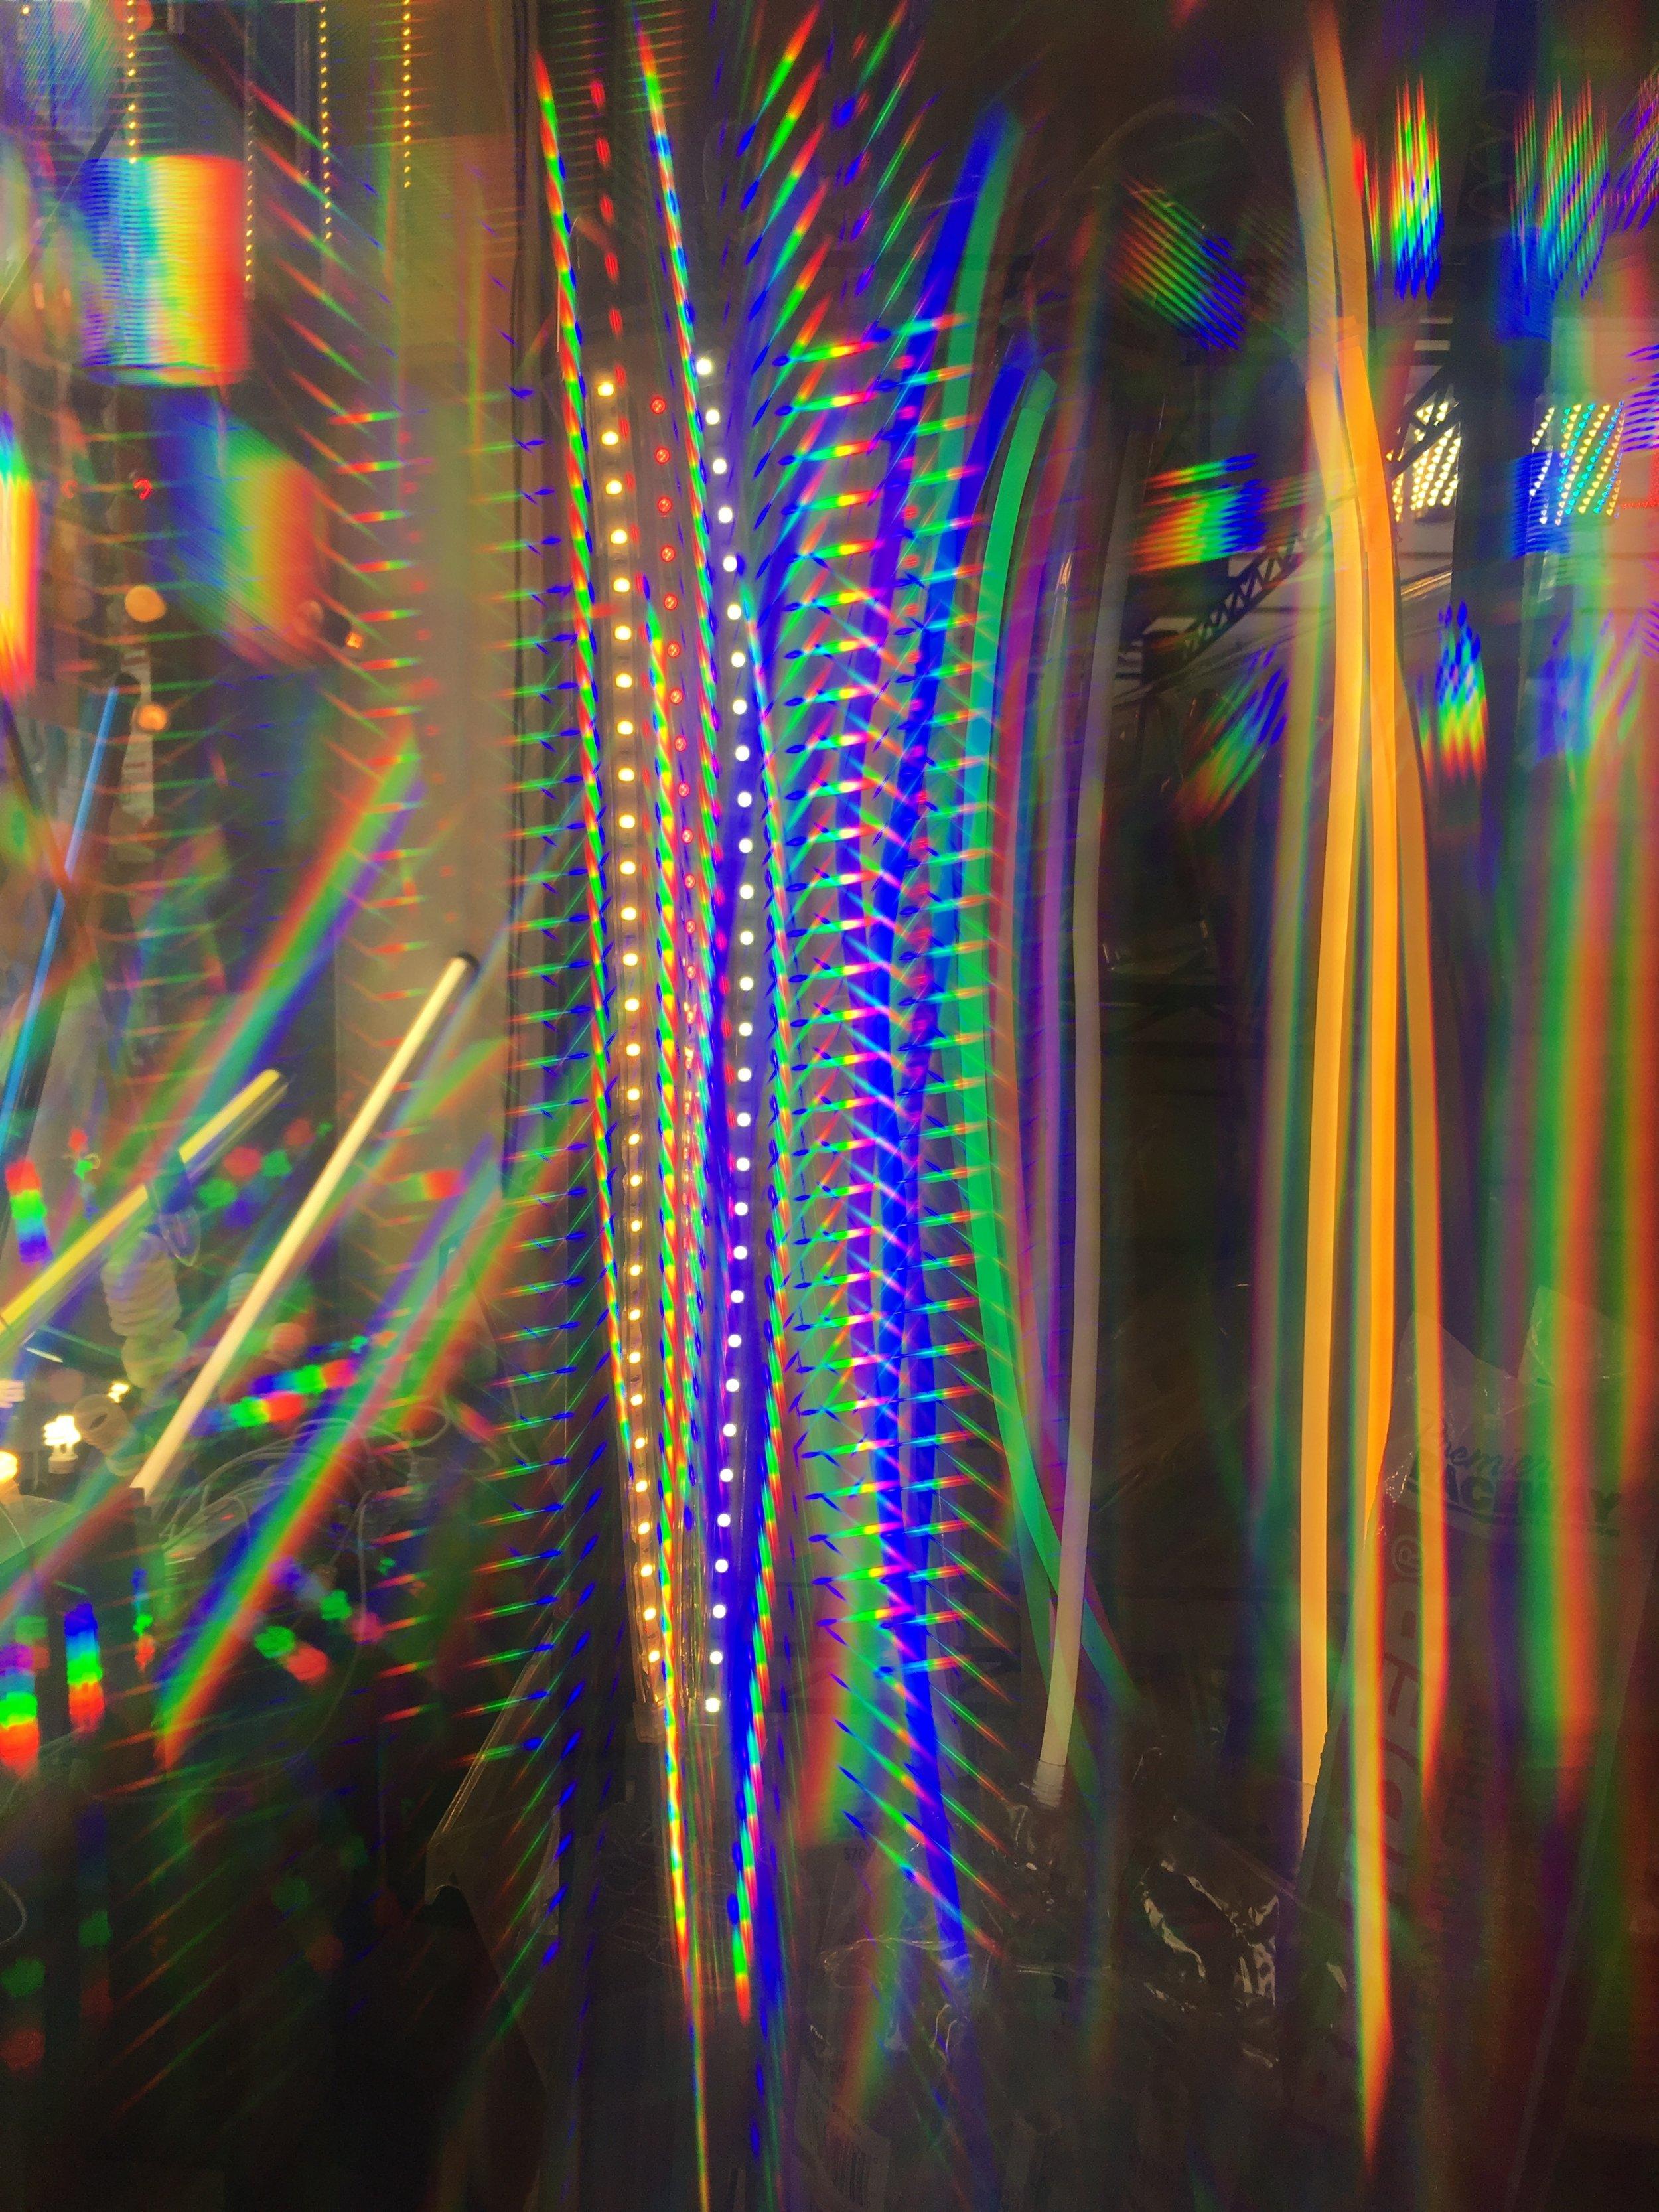 filteredlights7.JPG